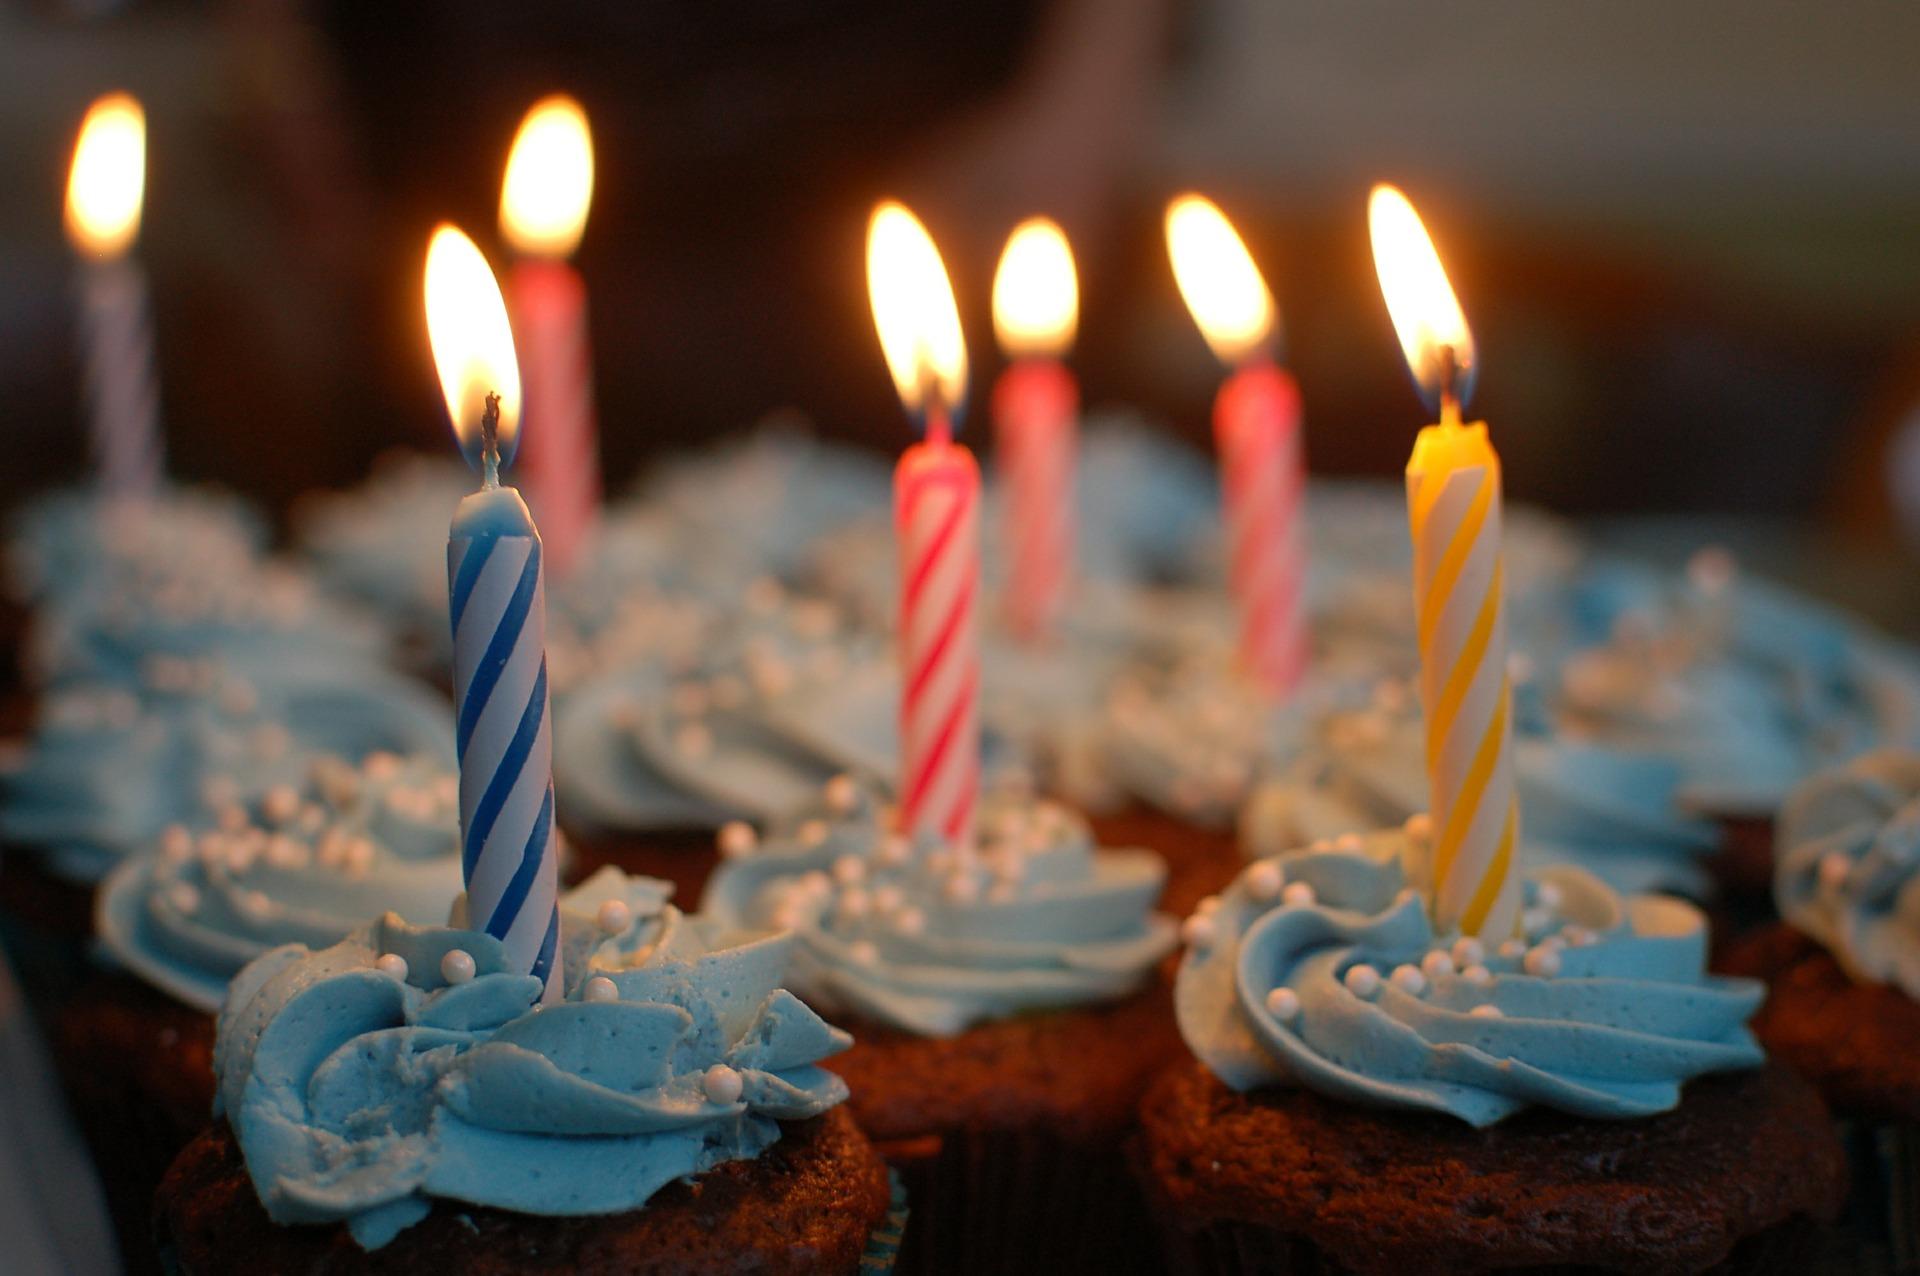 Festa A Sorpresa Di Compleanno idee per feste di compleanno per ragazze di 12-13 anni